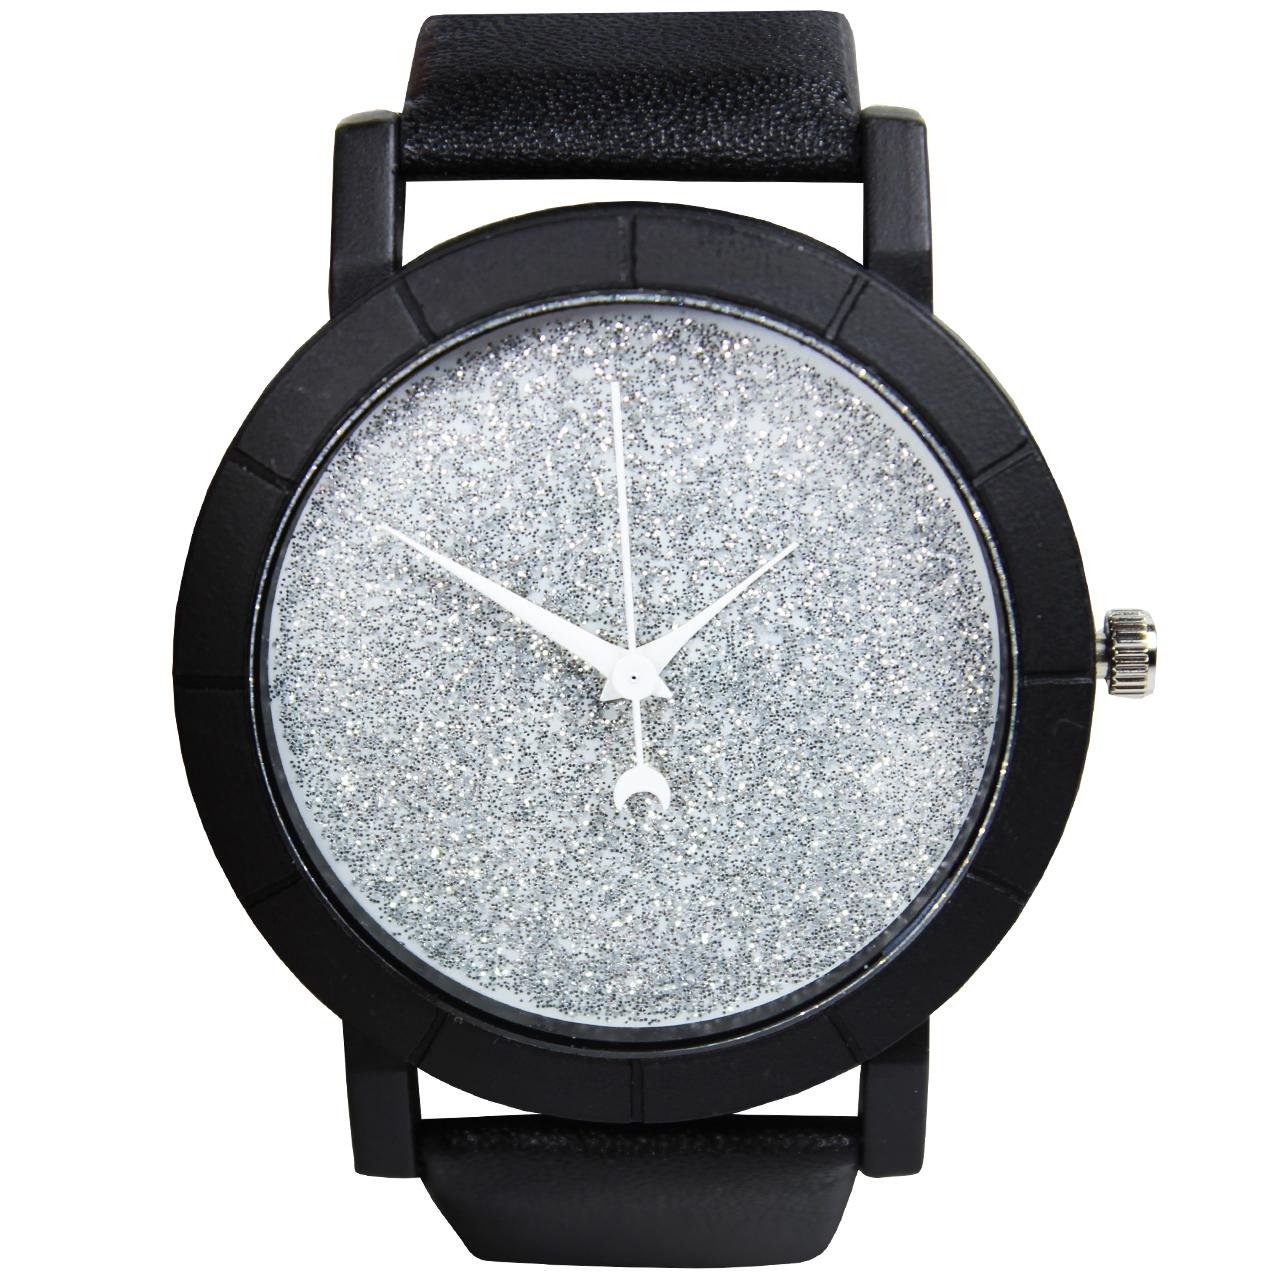 ساعت مچی عقربه ای مدل w16